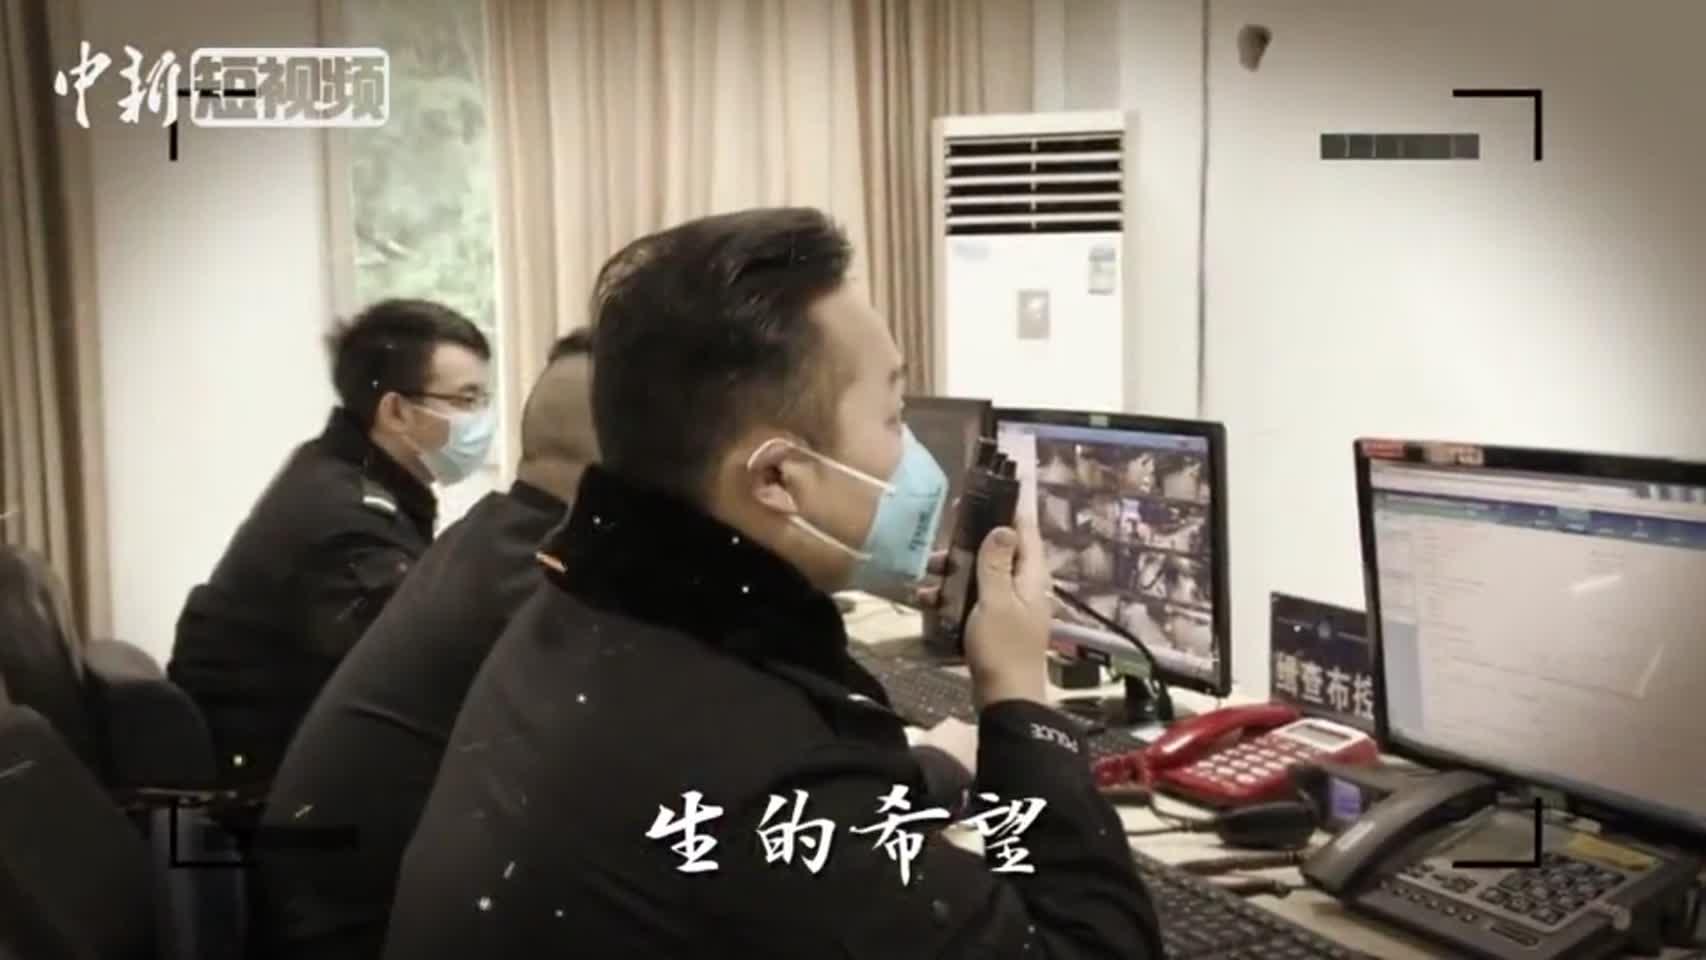 重庆交巡警民警原创歌曲《逆行而上》致敬同事和一线工作者